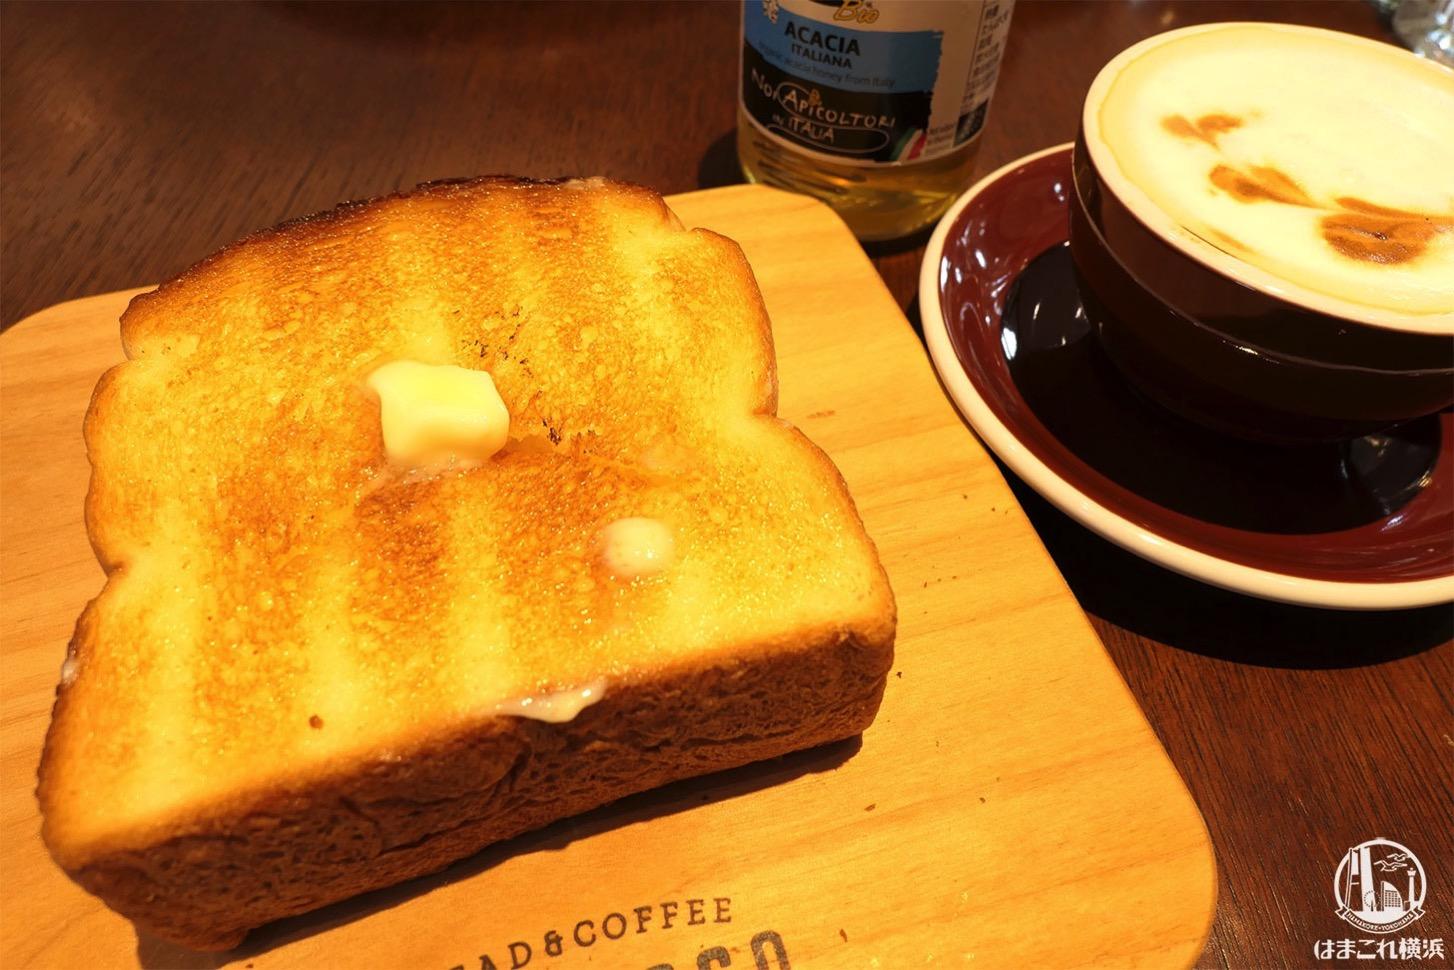 食パン専門店とコーヒースタンド「レブレッソ」